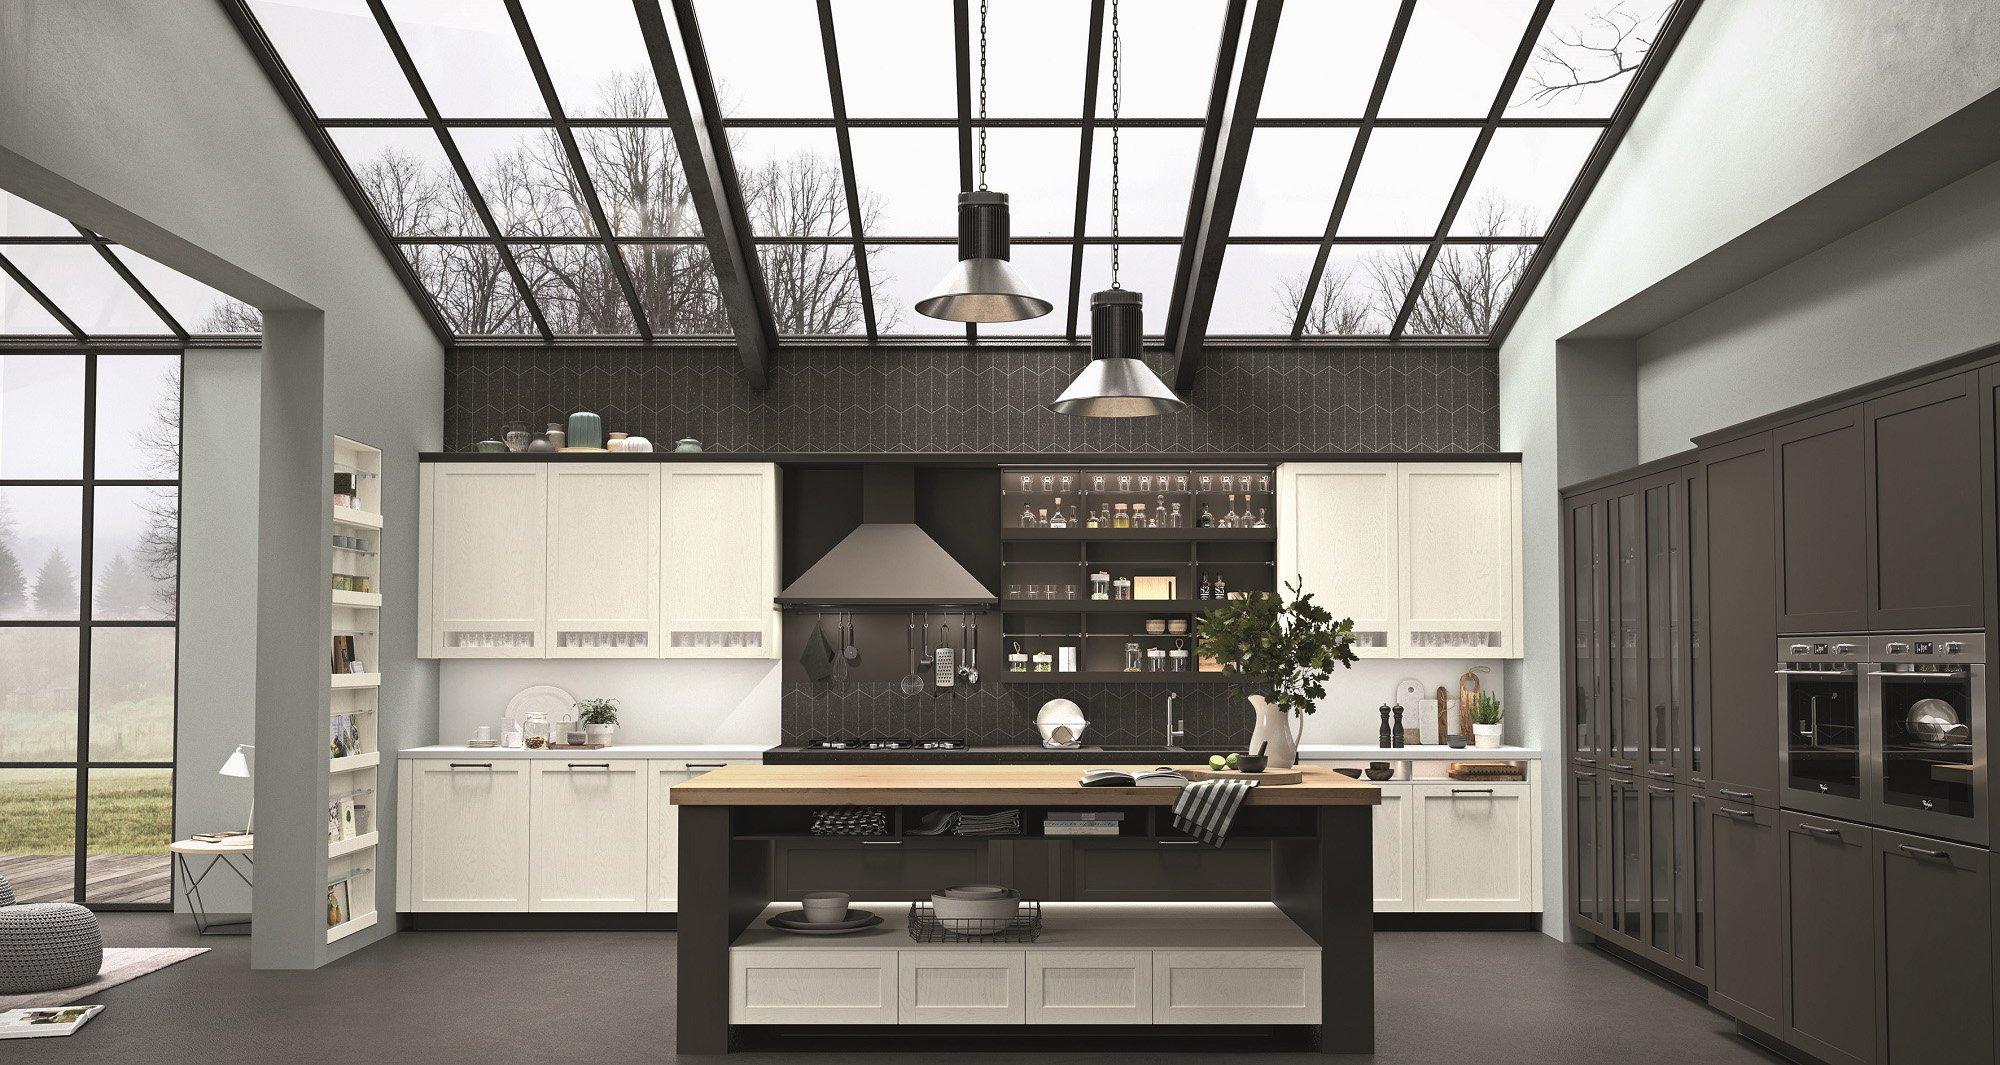 Cucine Arredamento Firenze.Arredamento Casa E Cucina A Firenze